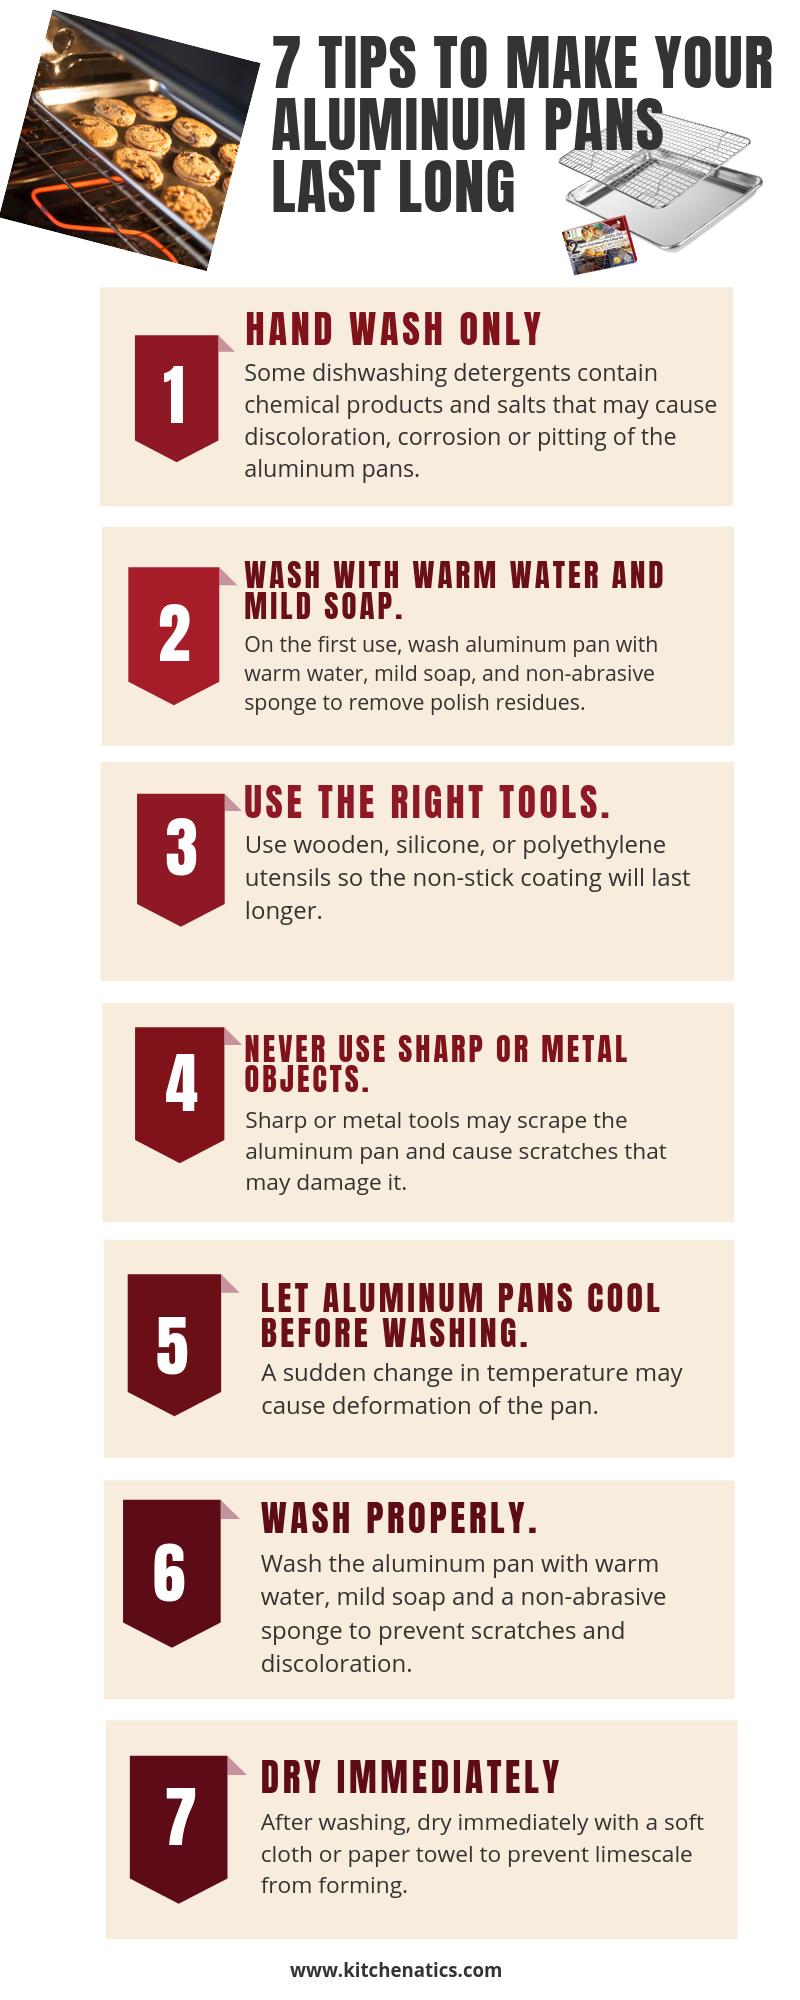 7 tips to make aluminum baking pans last longer